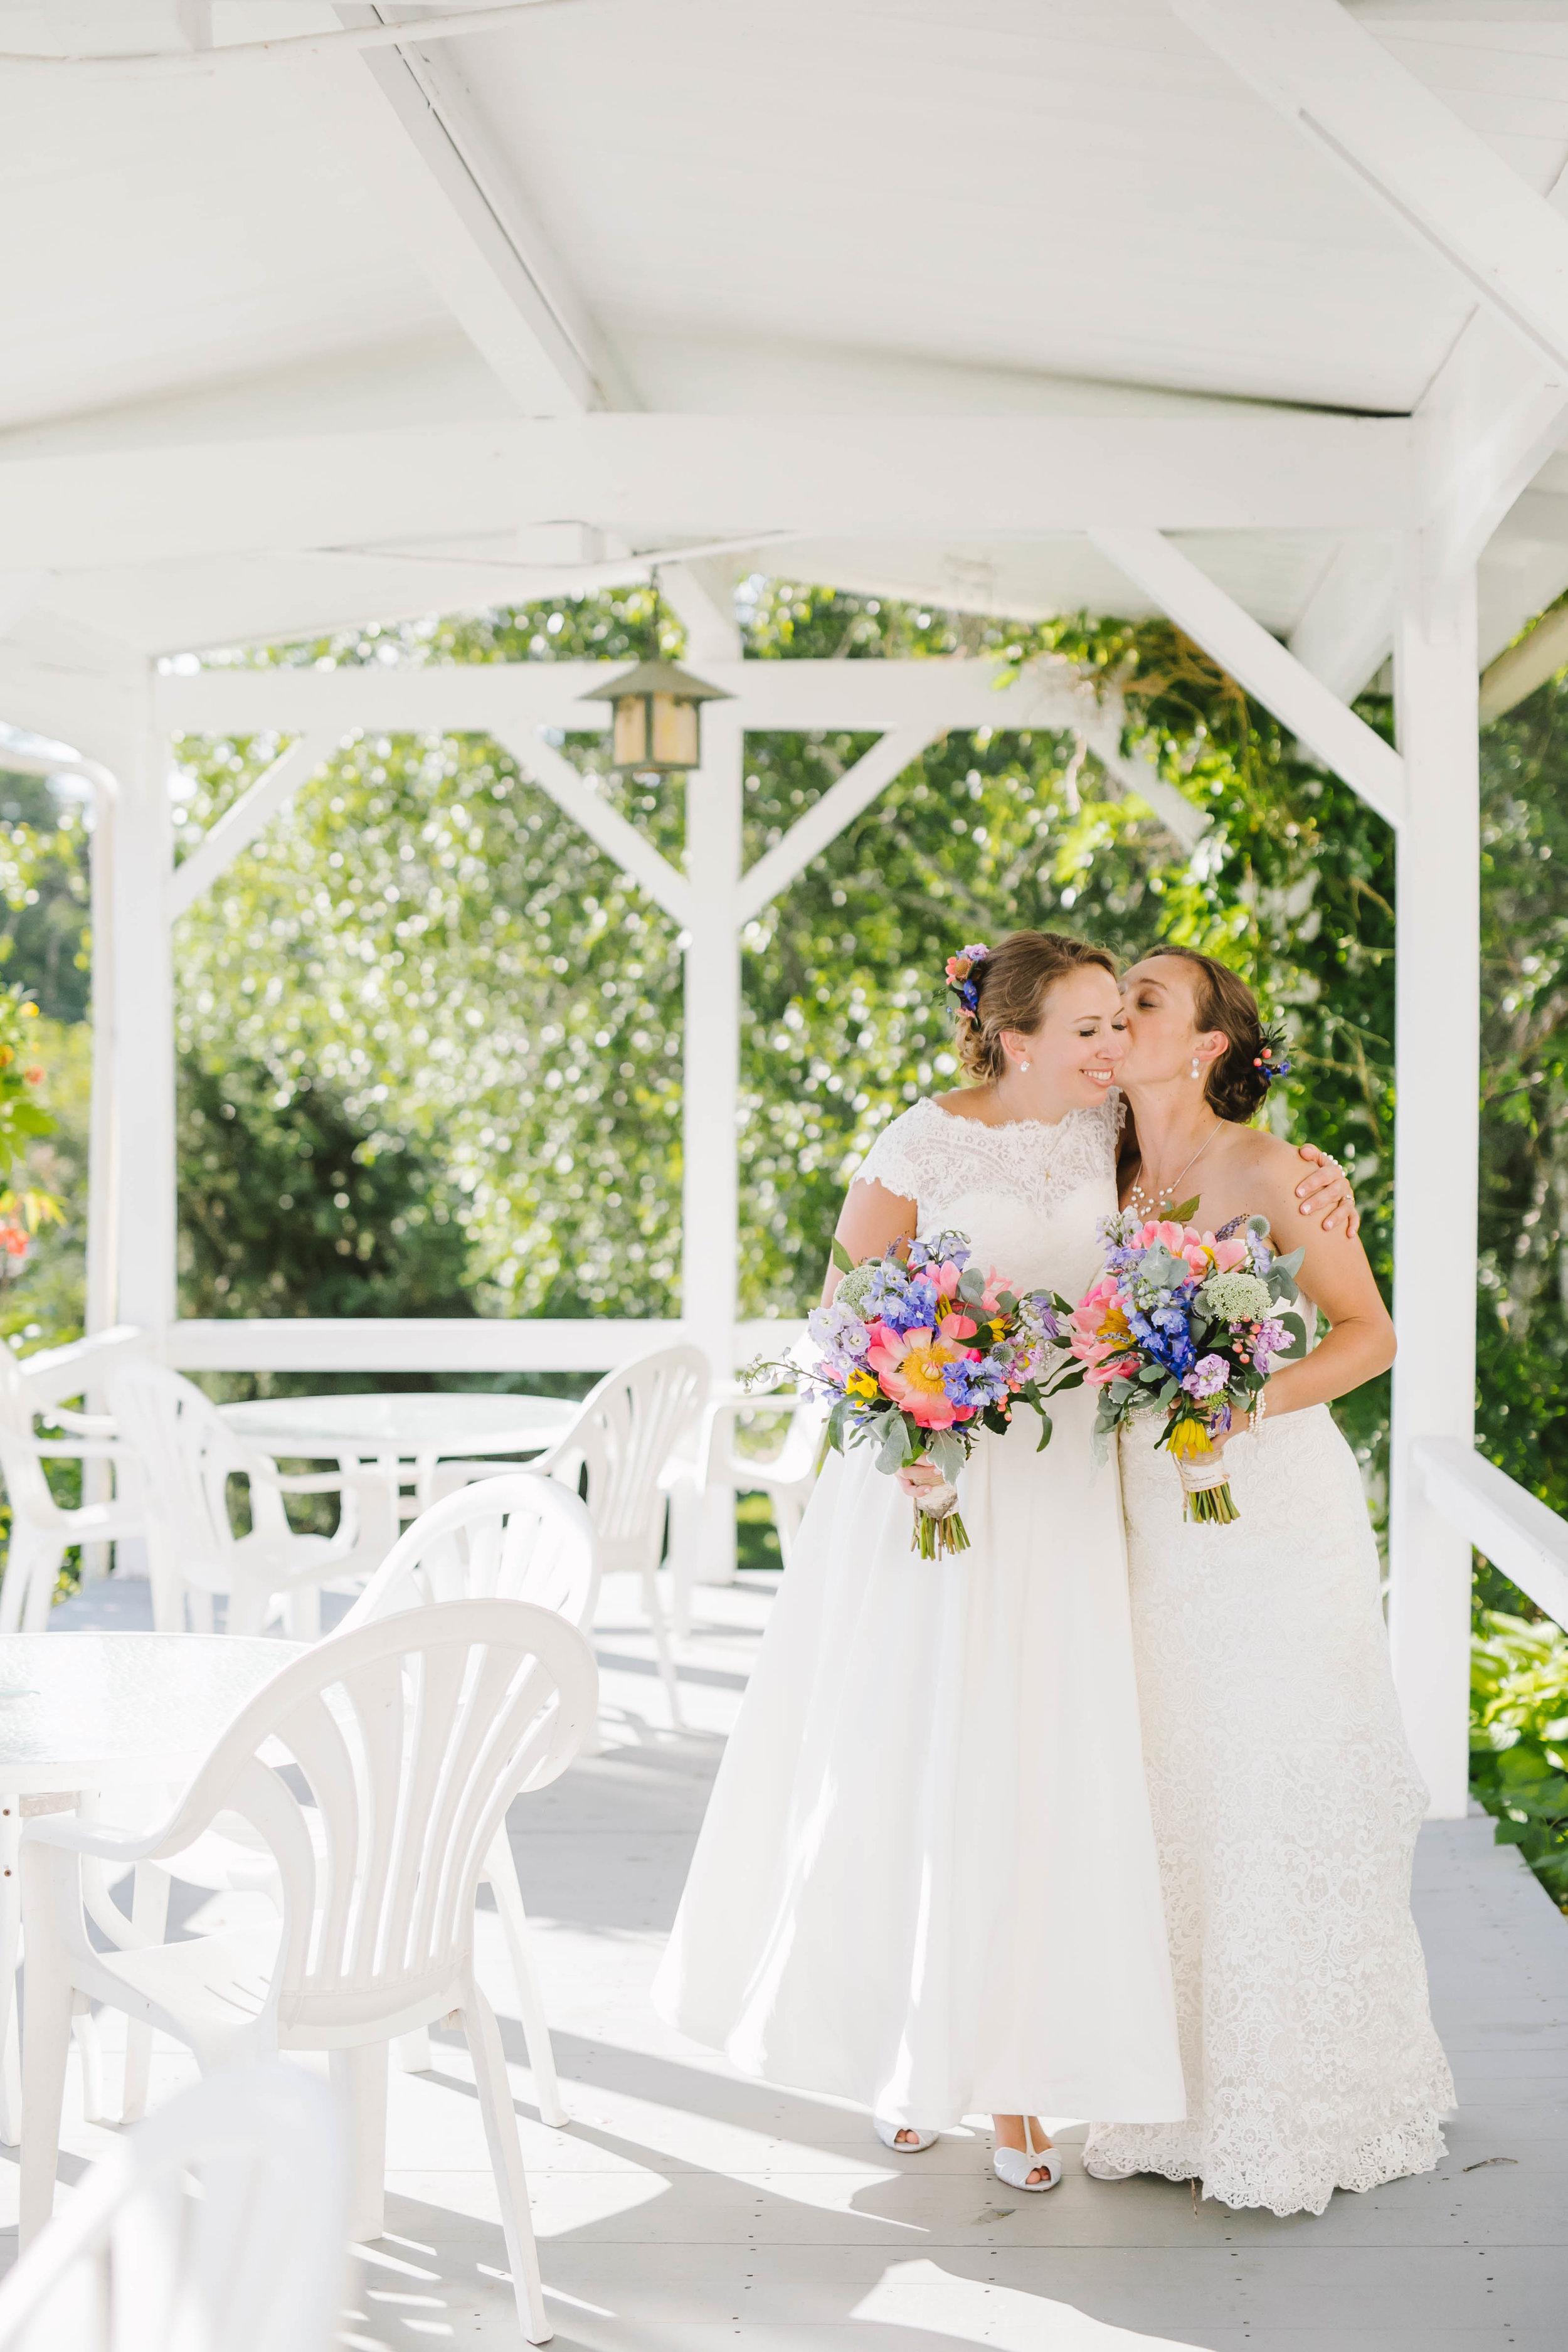 Wedding at Inn at Newfound Lake Bristol RI Kate and Kate-11.jpg